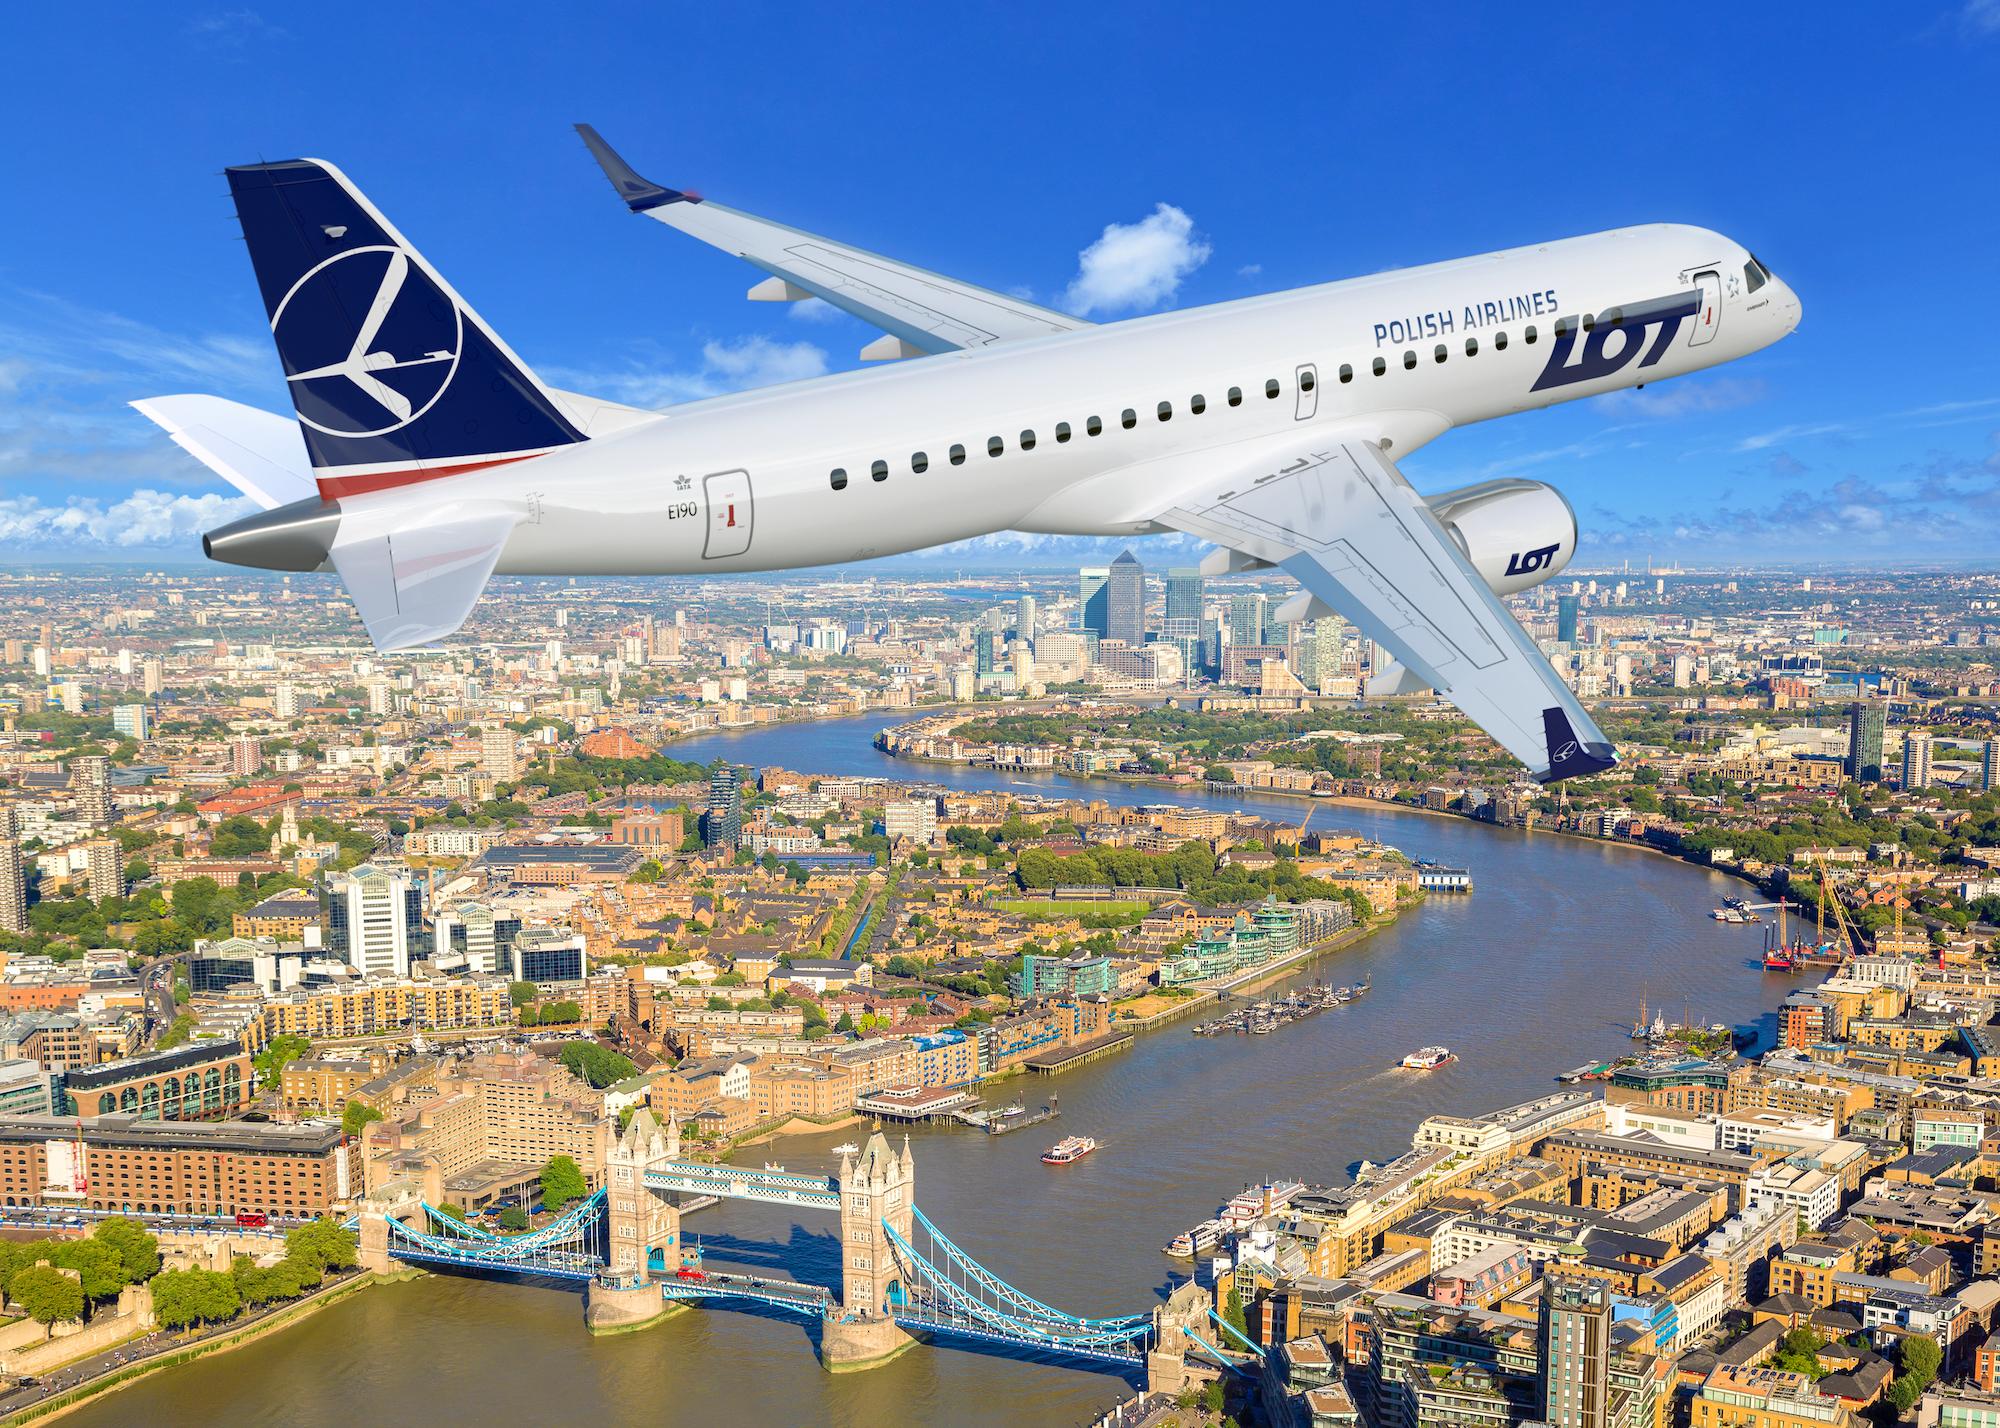 Embraer 190 nad Londynem